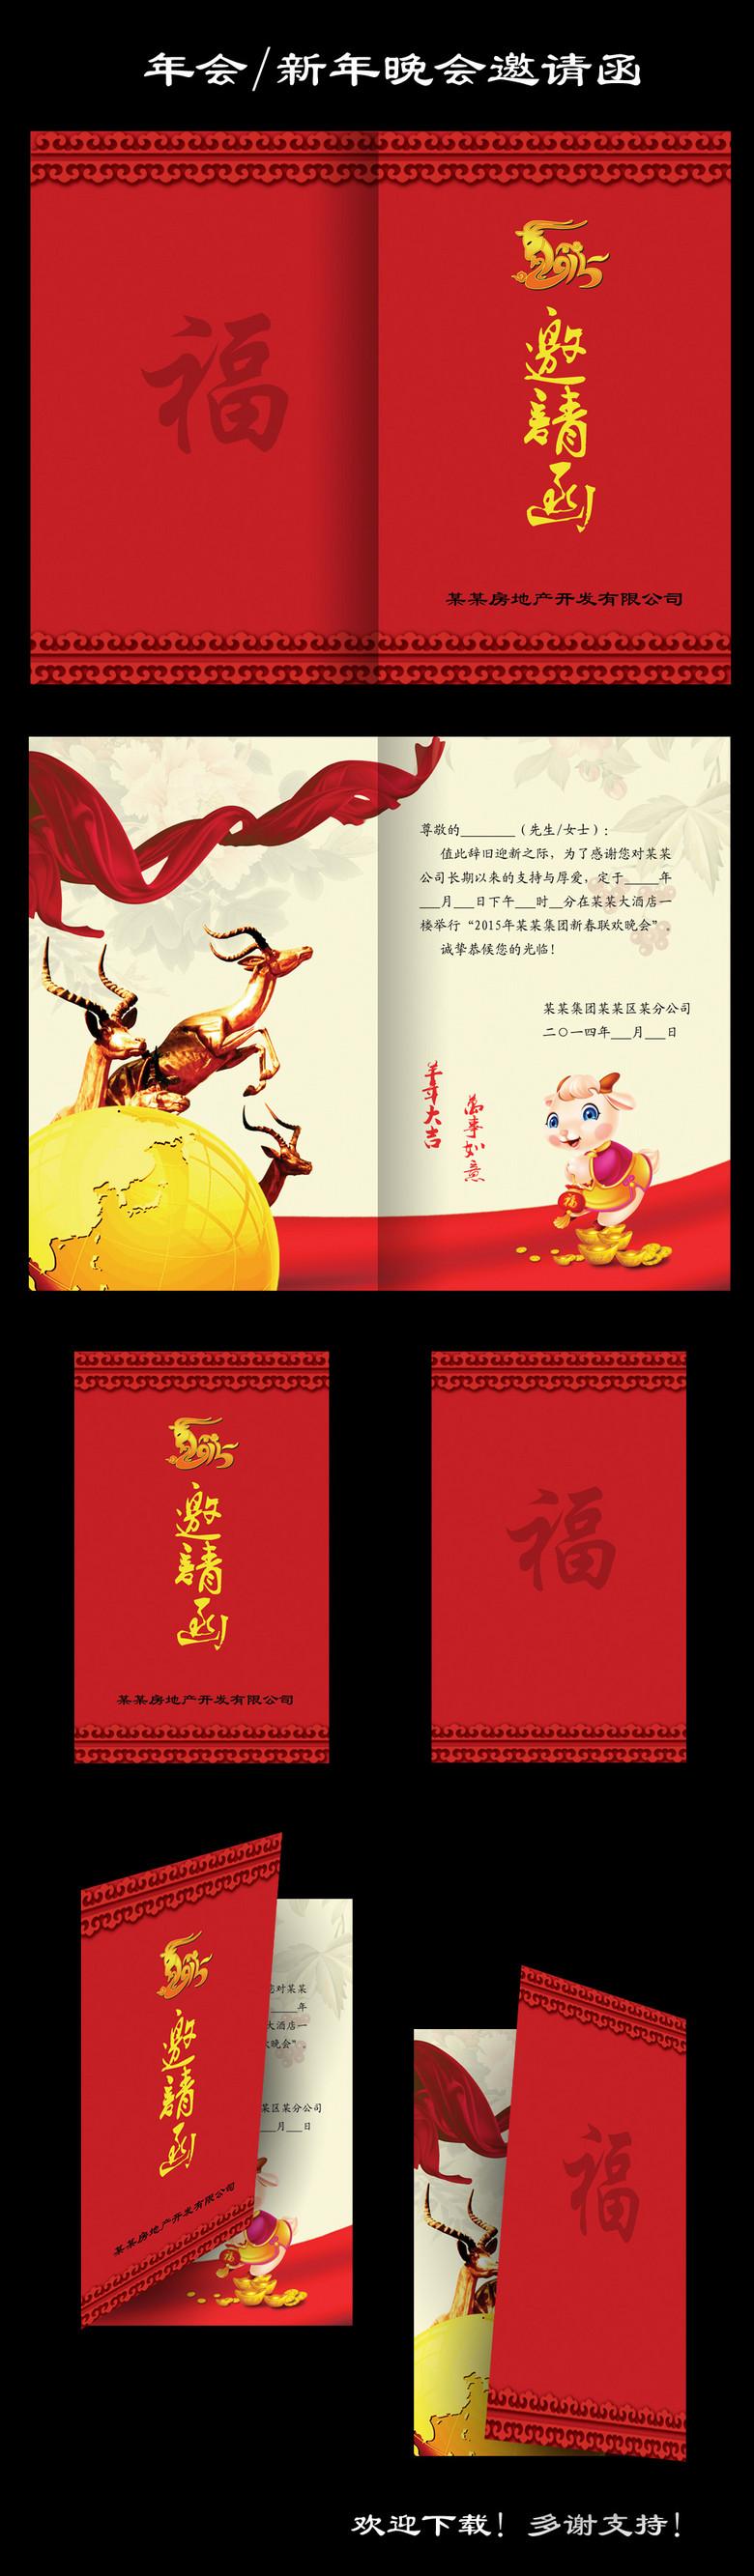 2015羊年新年企业年会春节晚会邀请函图片